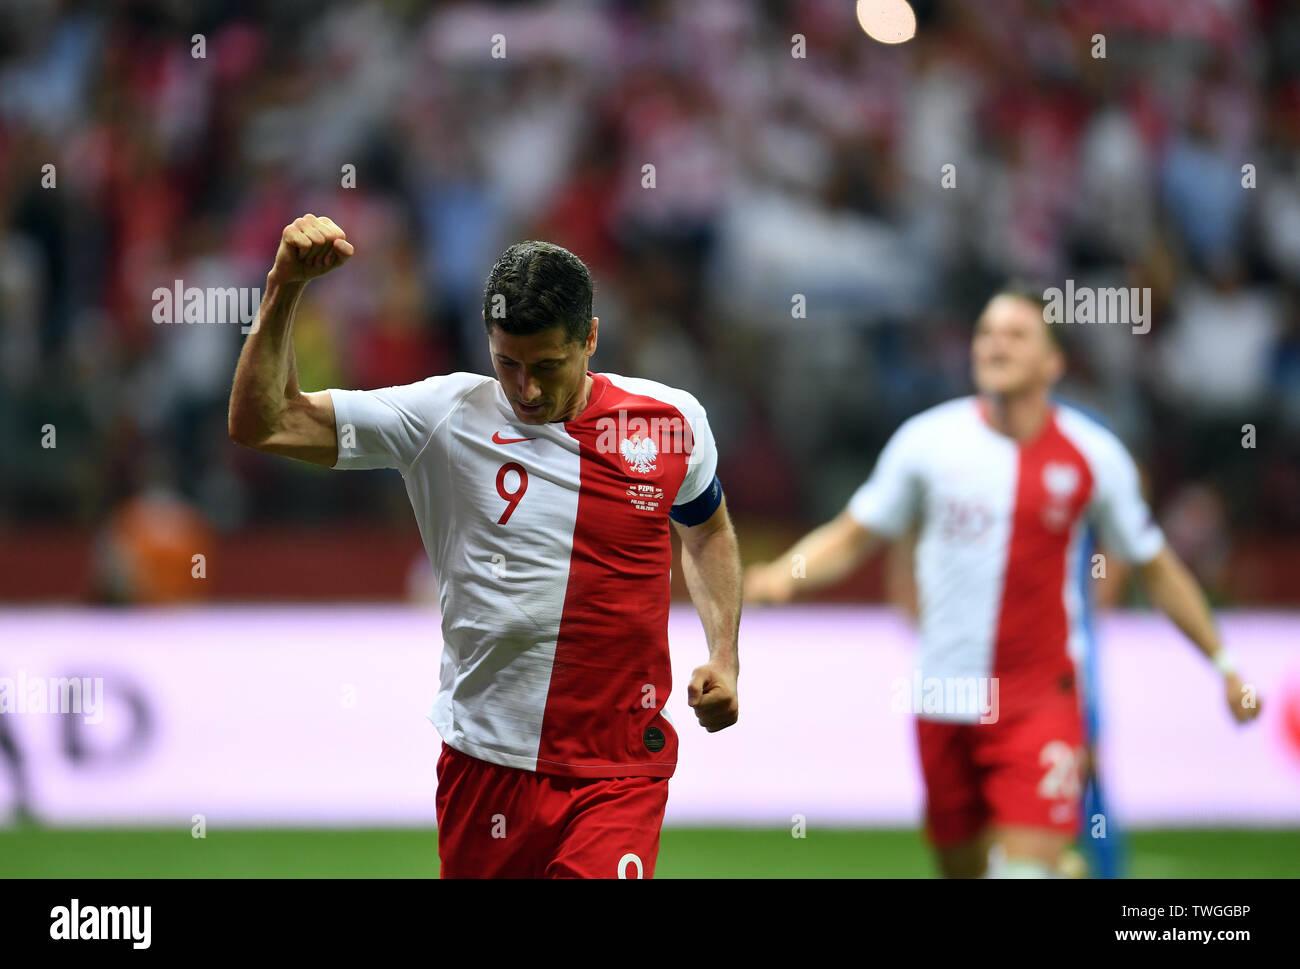 Warsaw, Poland, June 10, 2019: EURO 2020 qualifing round, group stage, Poland wins 4:0 with Izarel on PGE Narodowy. Robert Lewandowski (Poland) celebrates his goal - Stock Image